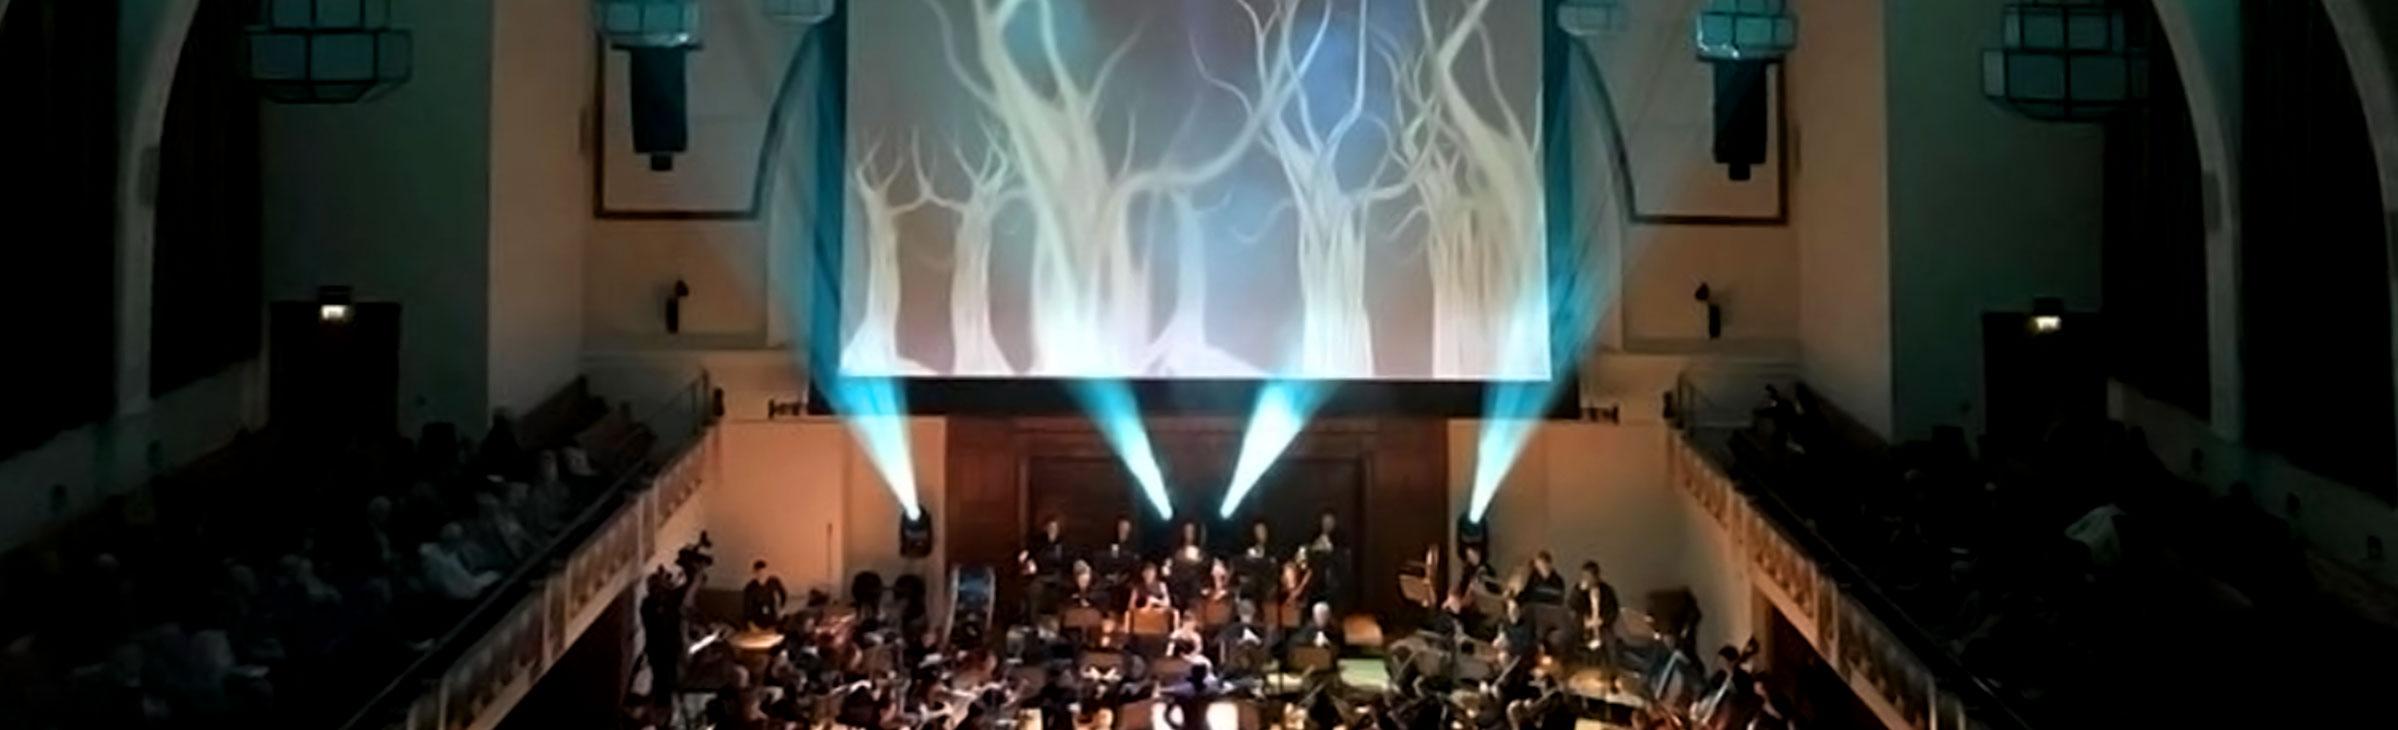 Adagio: musique et lumière at Cadogan Hall